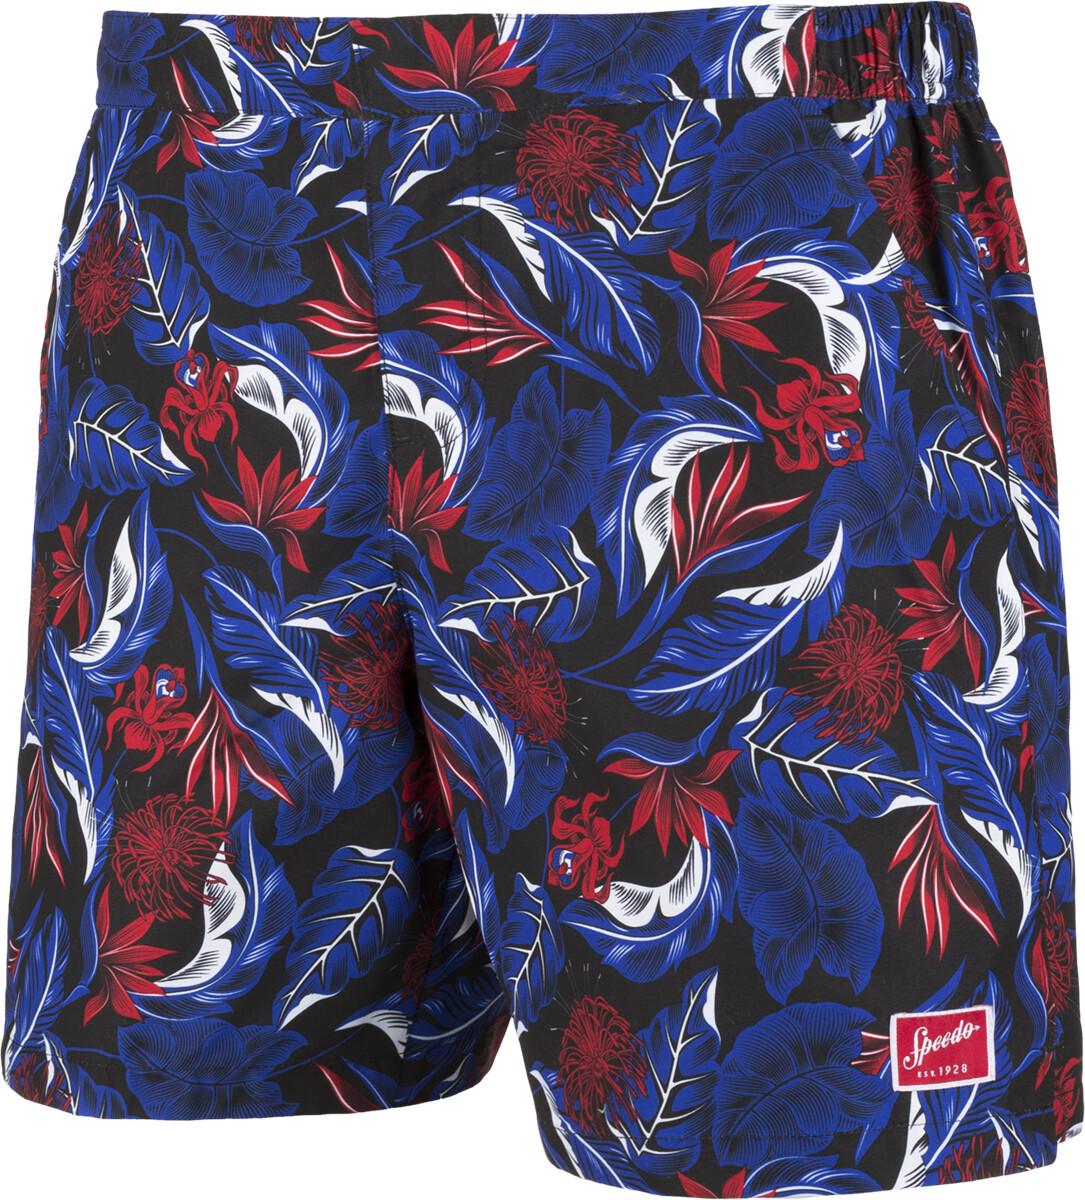 Zwembroek Blauw Heren.Speedo Vintage Paradise 16 Zwembroek Heren Rood Blauw L Online